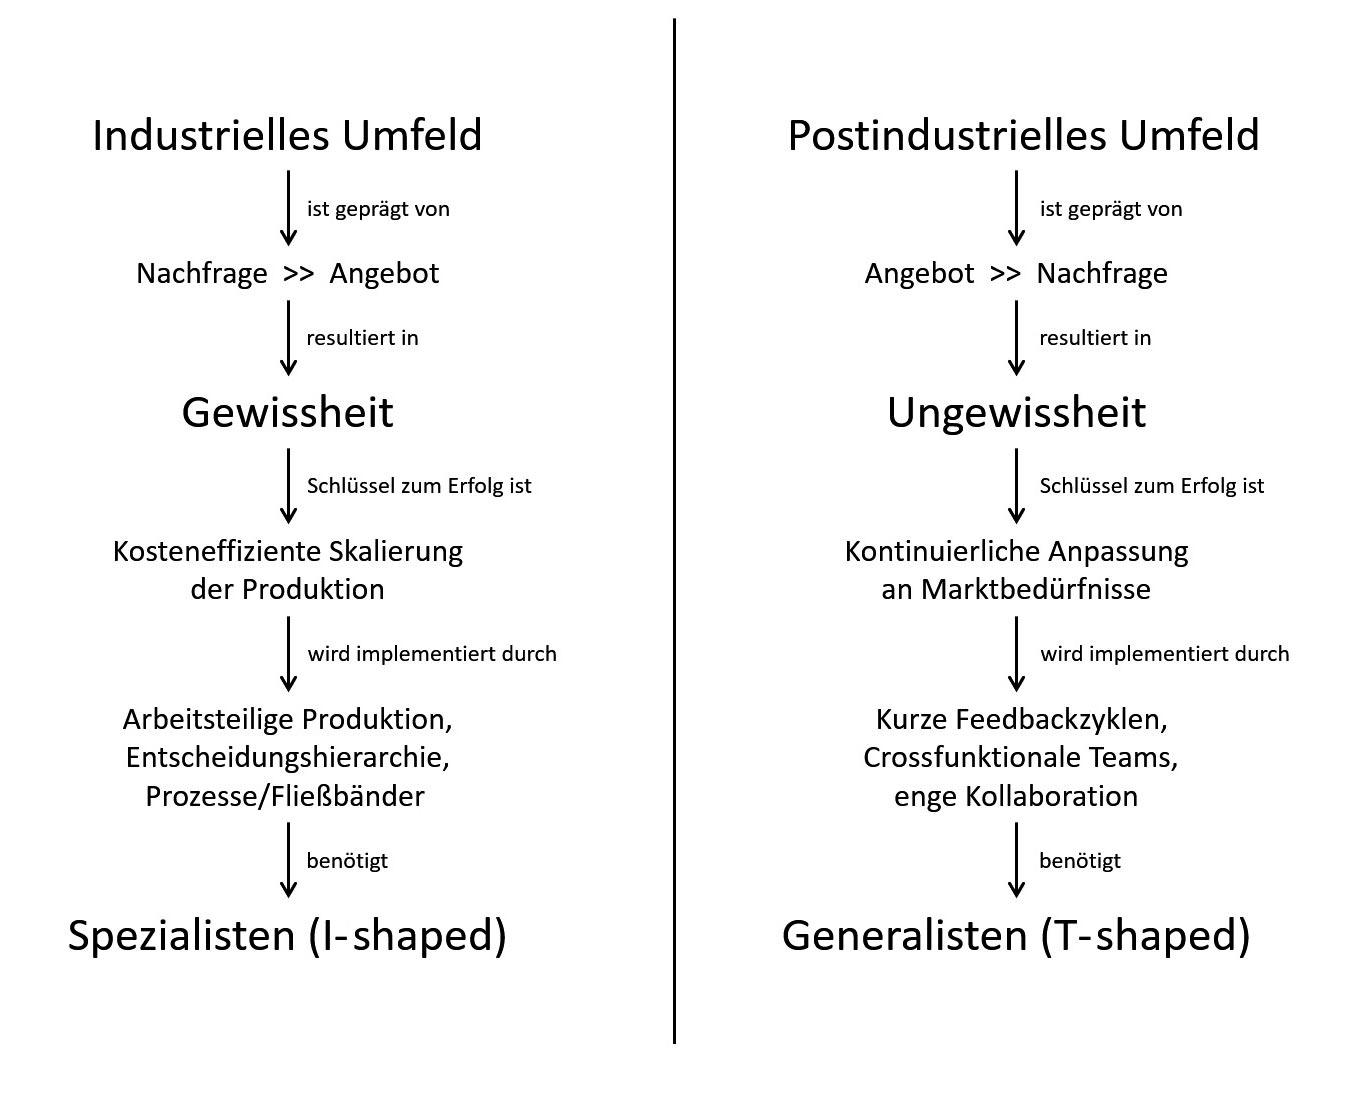 friedrichsen_architektur_1.tif_fmt1.jpg